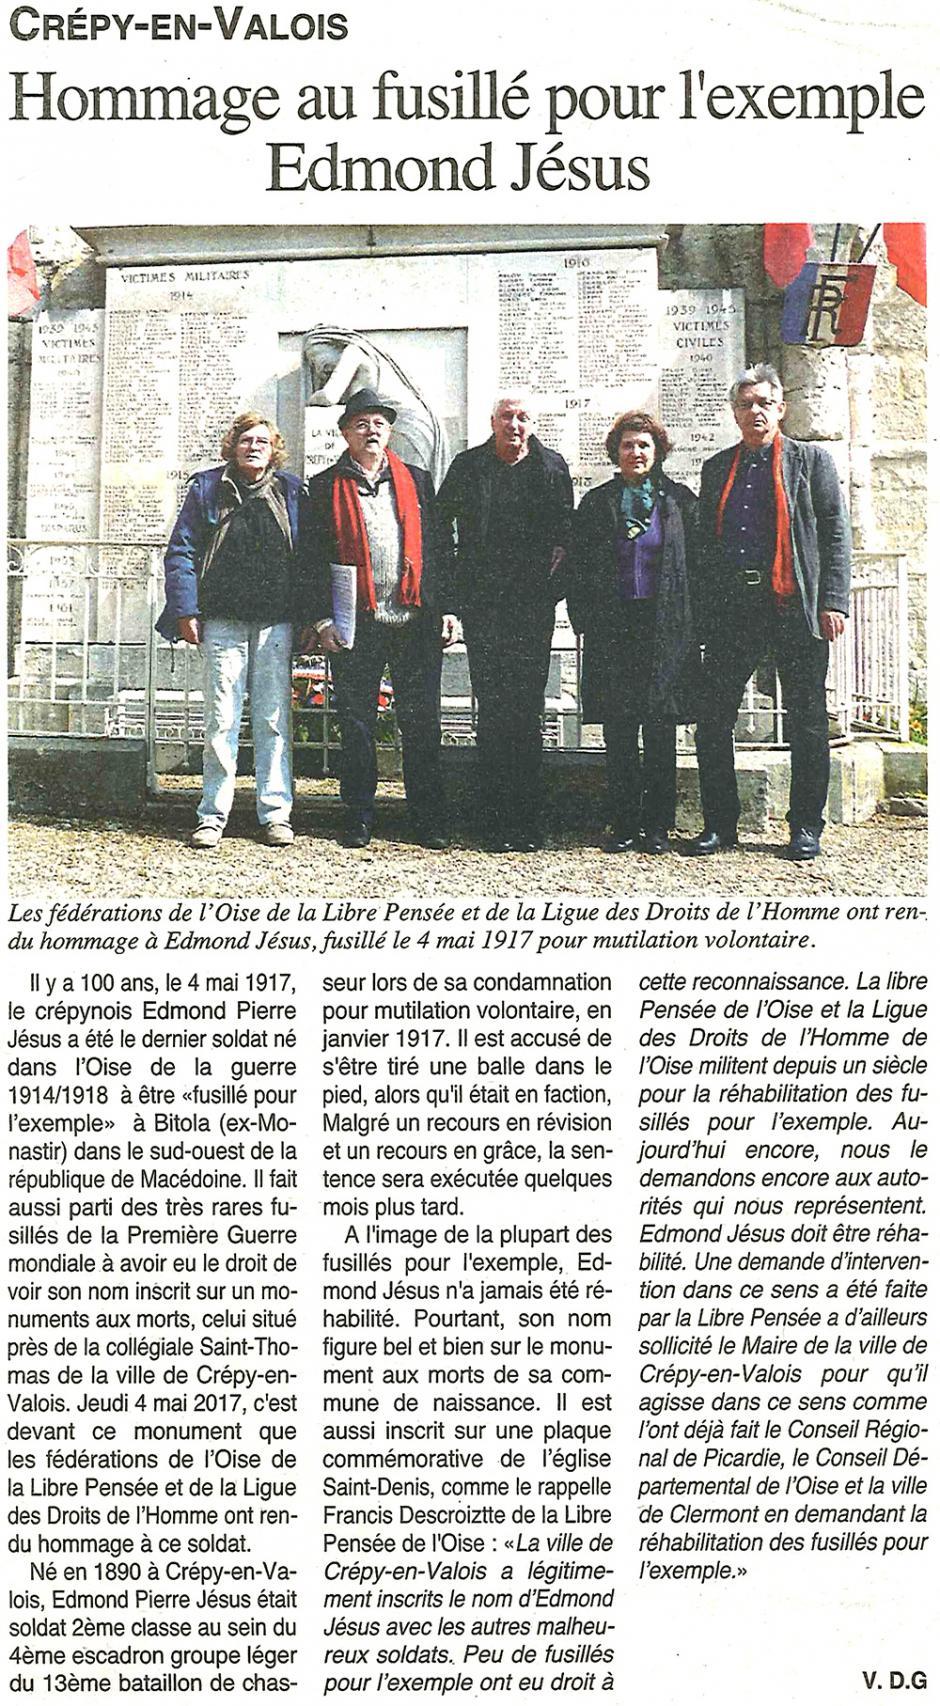 20170510-OH-Crépy-en-Valois-Hommage au fusillé pour l'exemple Edmond Jésus